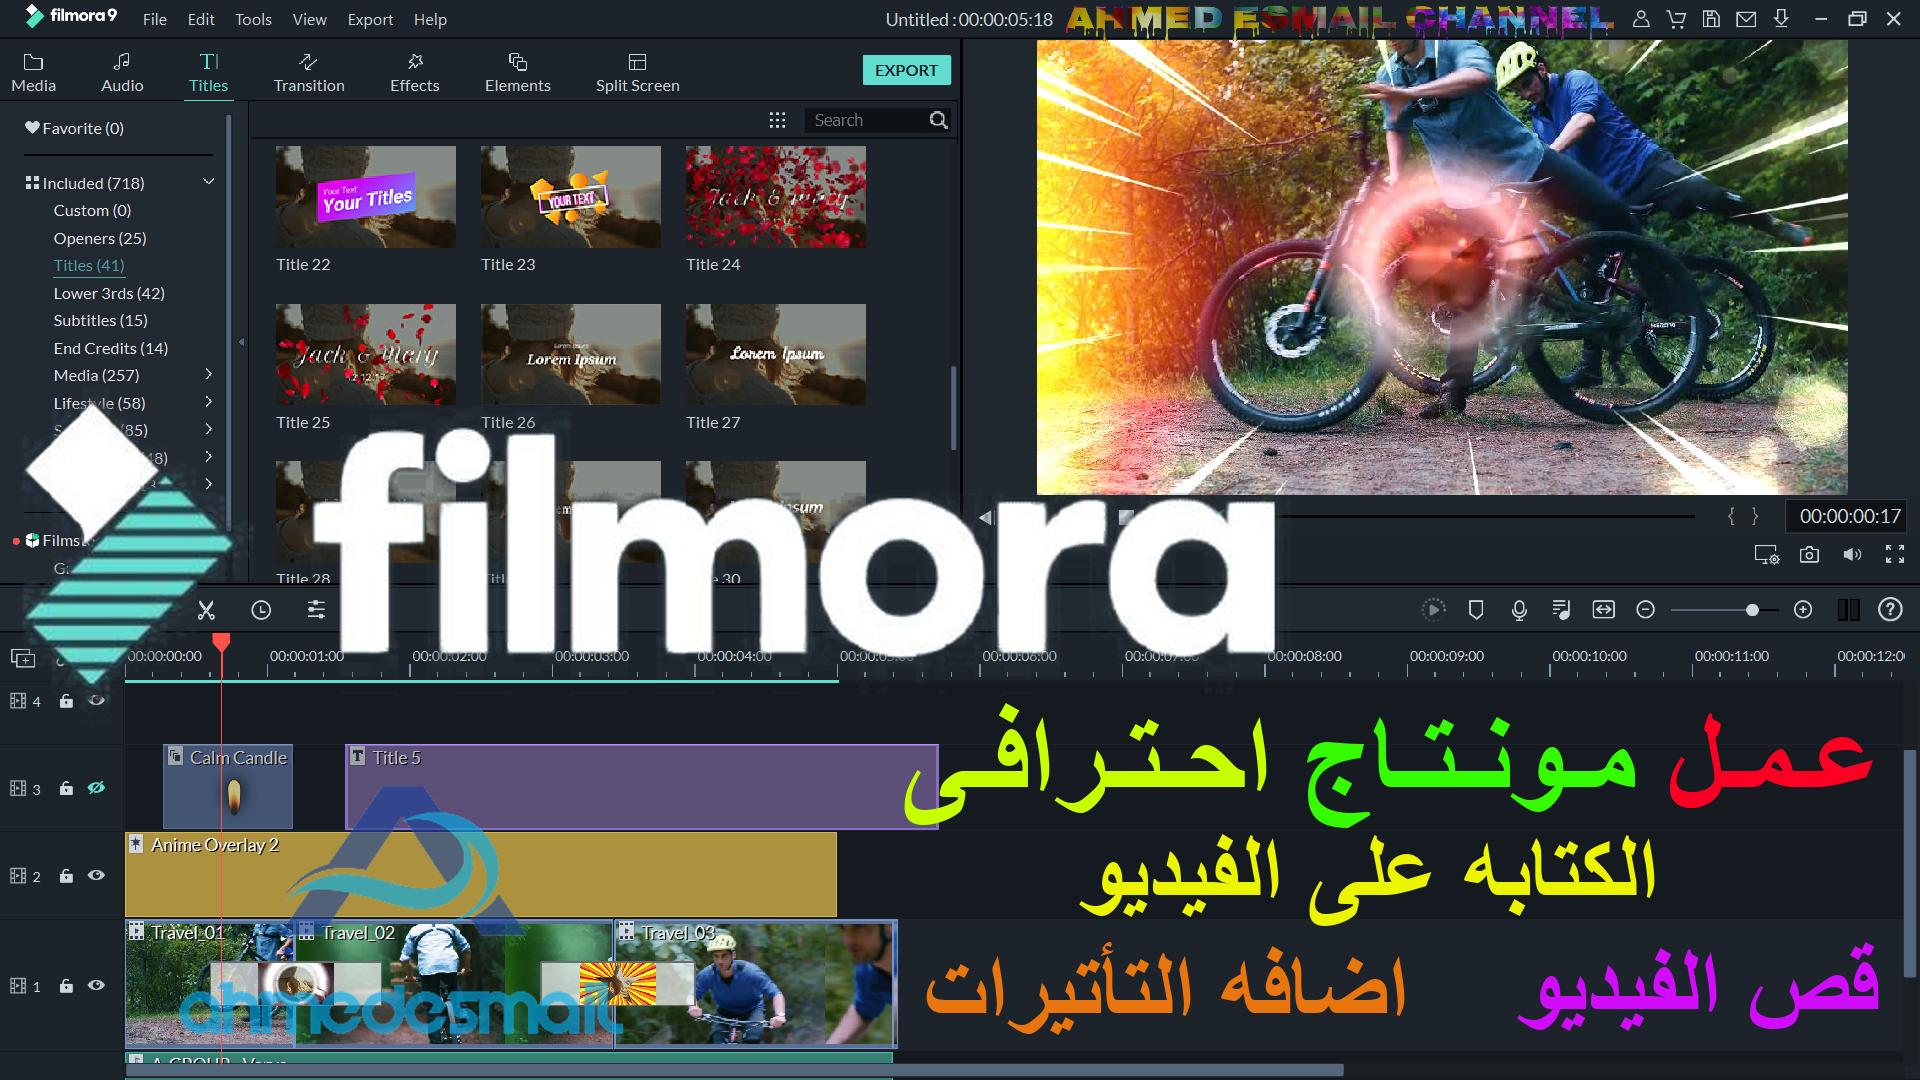 احترف المونتاج فى اقل من 30 دقيقه باستخدام برنامج فيلمورا 2020 Filmora 9 Pandora Screenshot Screenshots